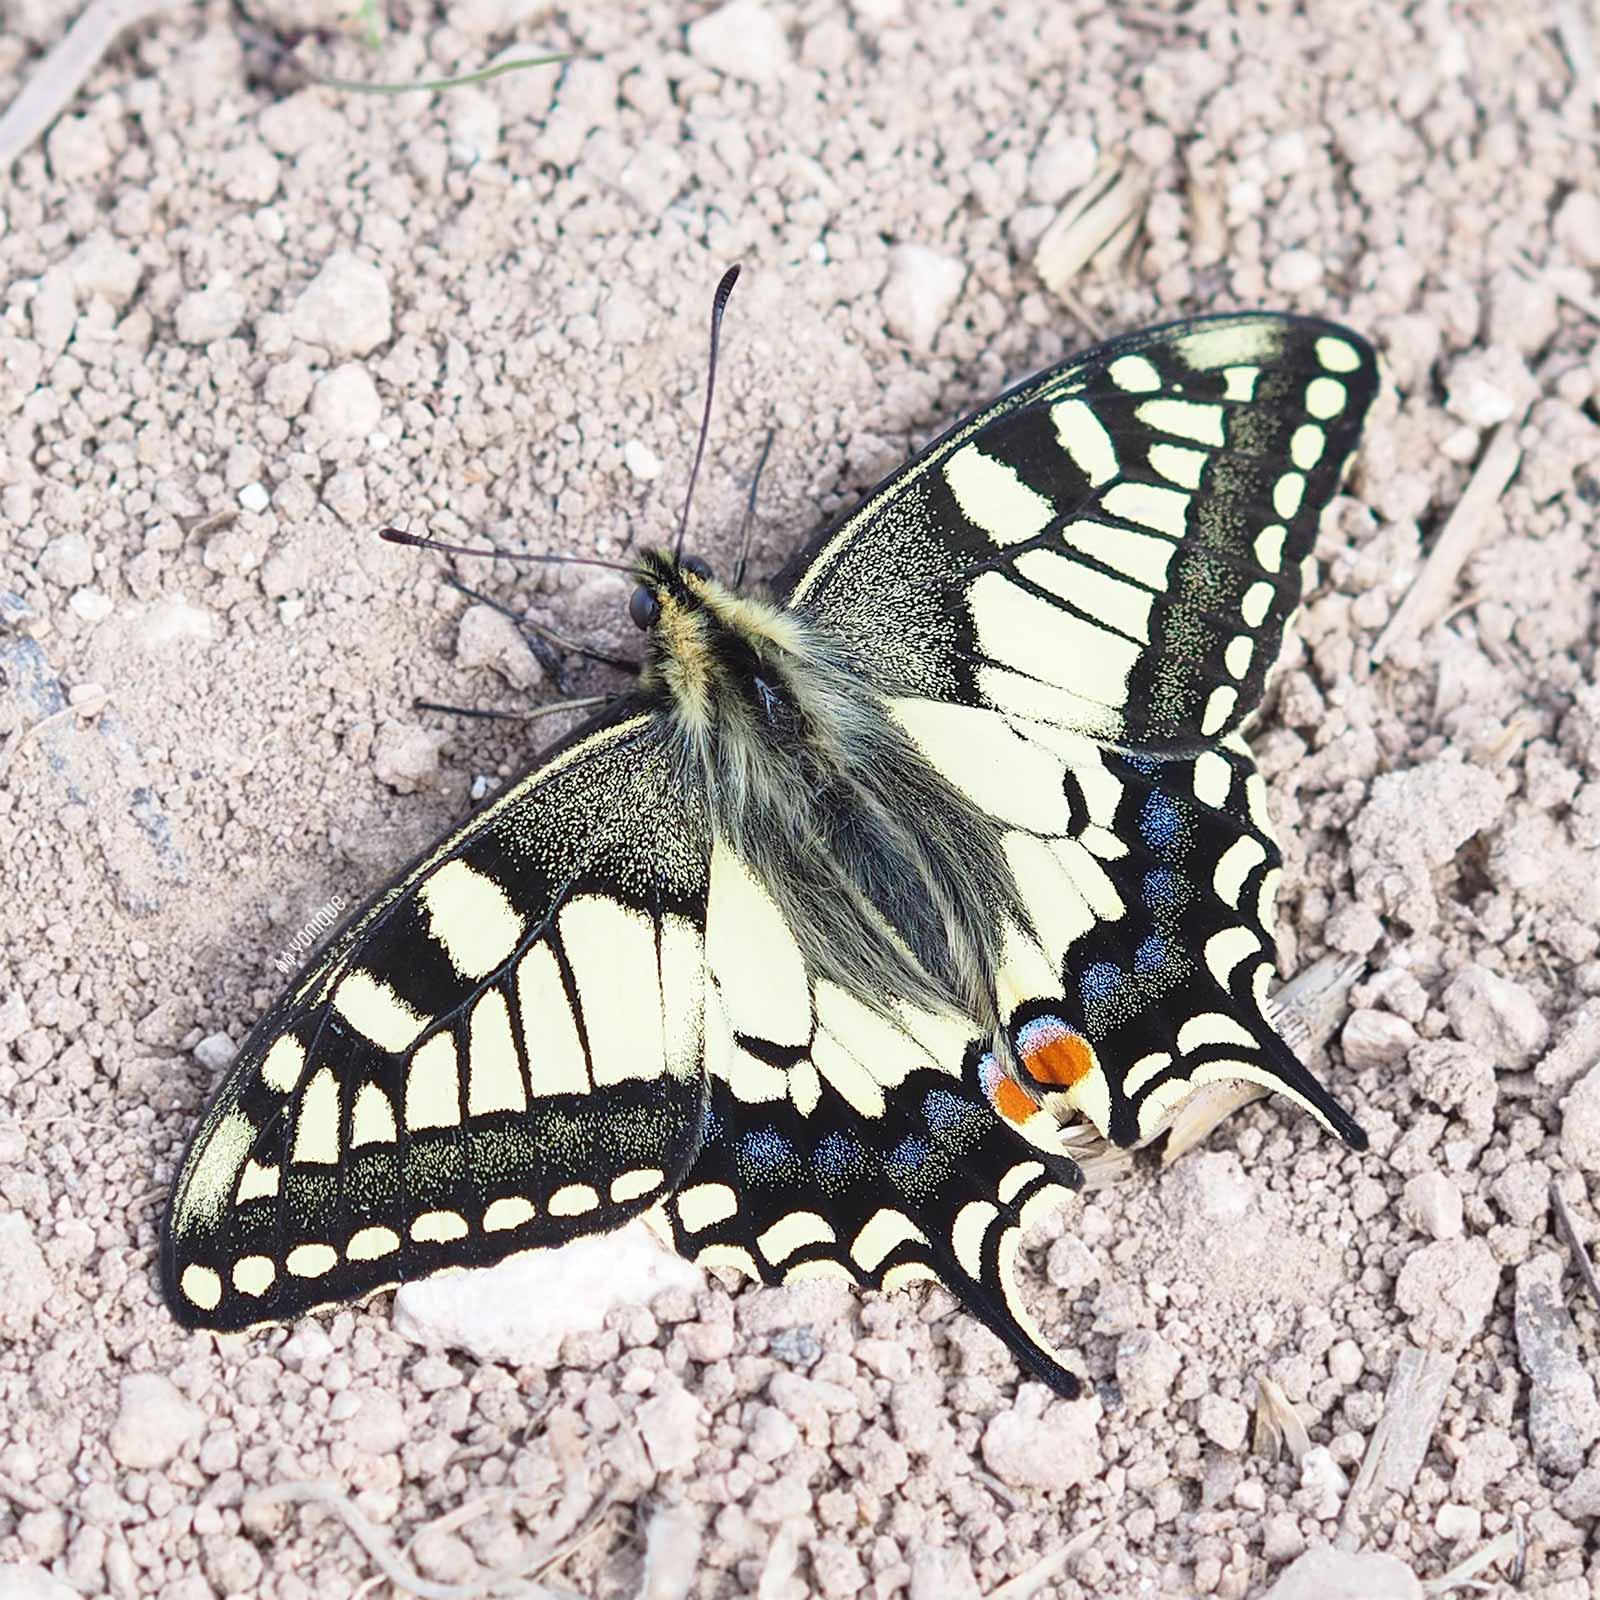 papilio-machaon-spain-papillon-yoniquenews-laboutiquedemelimelo